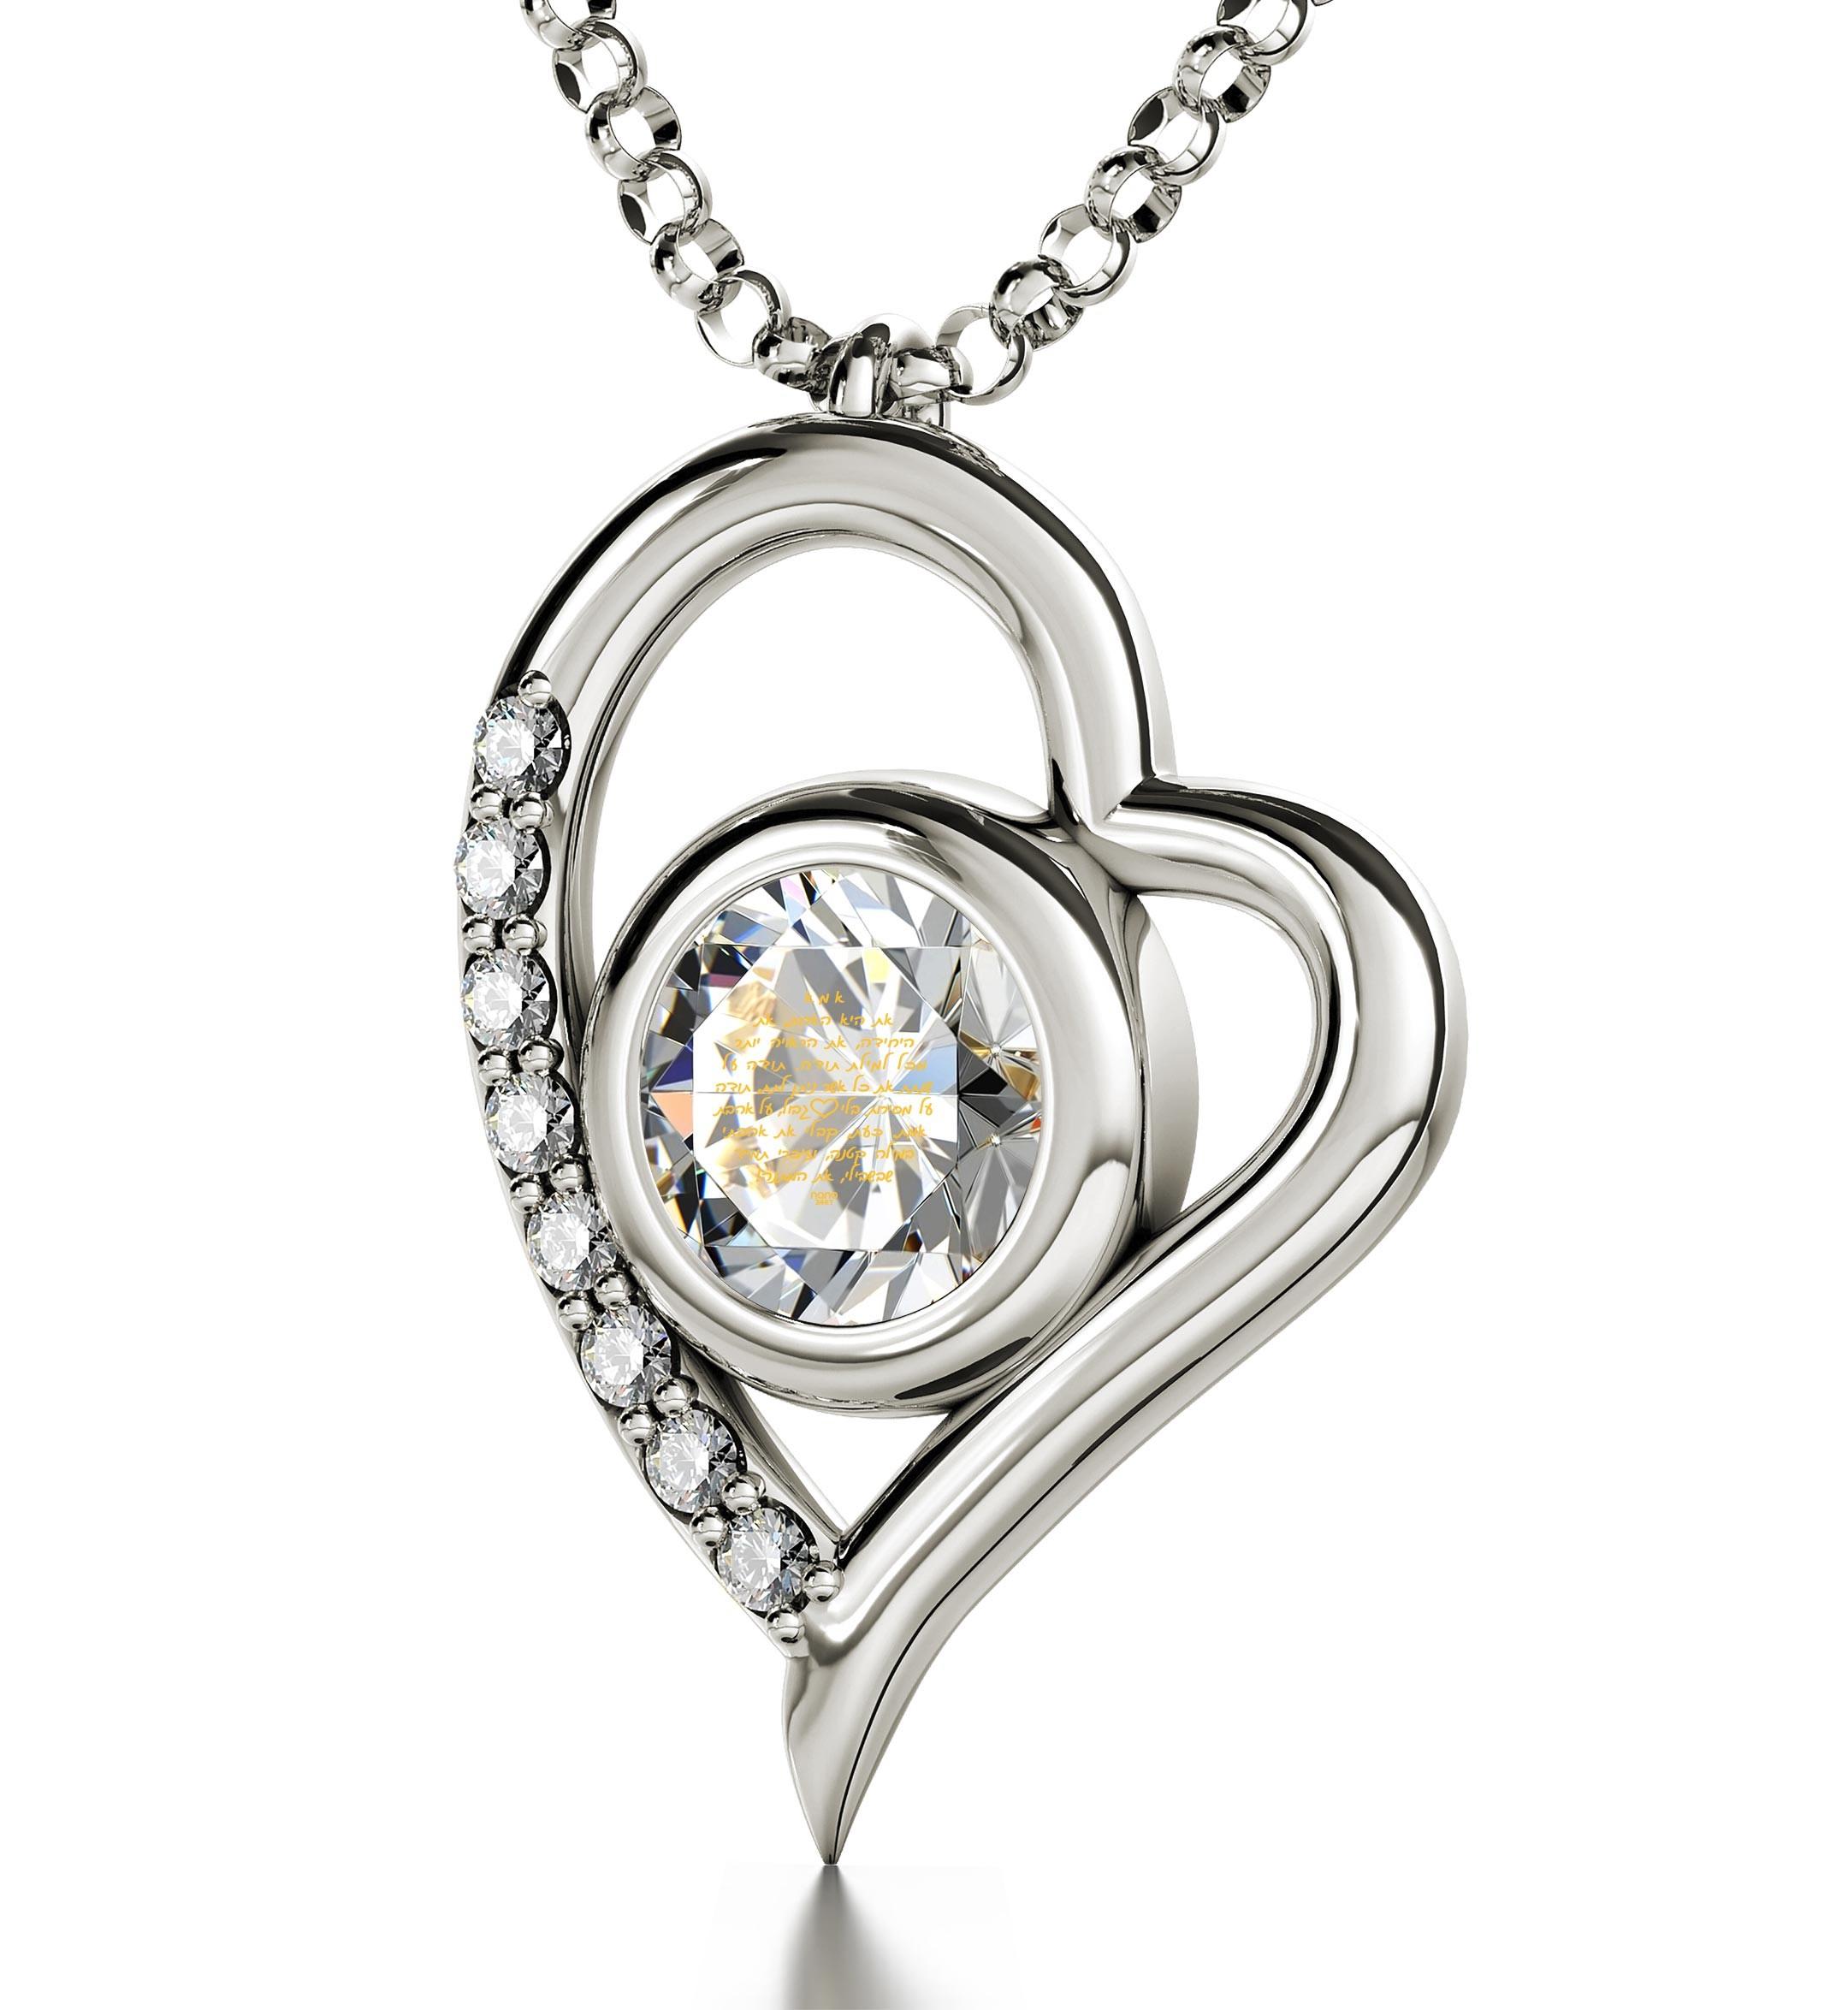 שרשרת זהב לאמא - שרשרת ברכה מזהב טהור לאמא האהובה - ננו תכשיטיםשרשרת זהב לאמא - שרשרת ברכה מזהב טהור לאמא האהובה - ננו תכשיטים